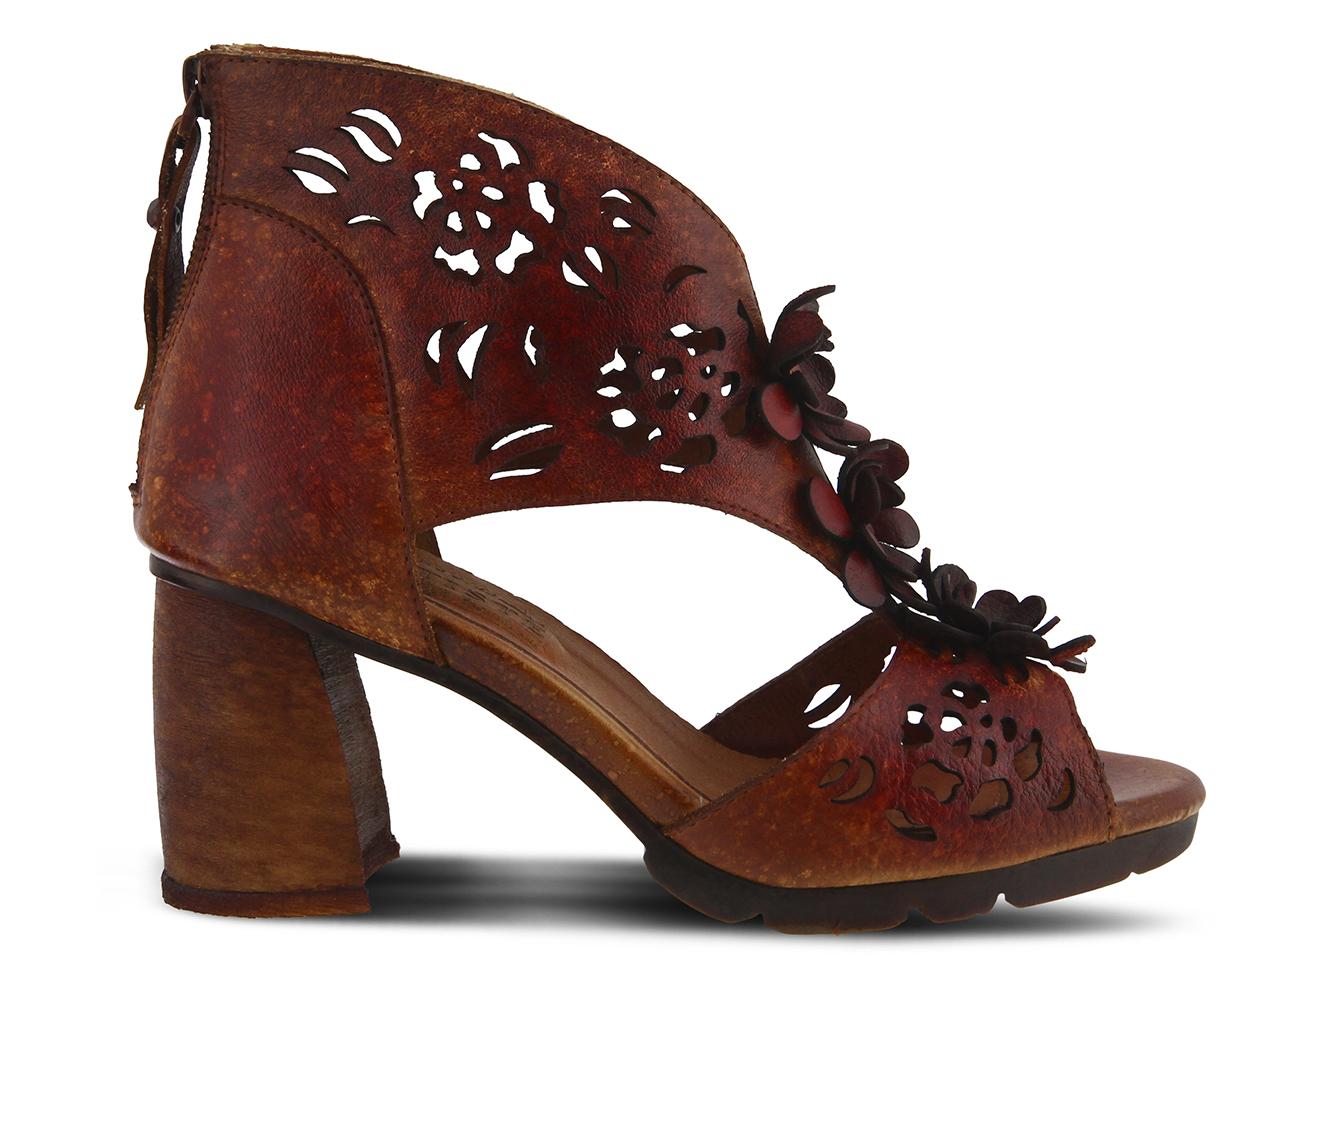 L'Artiste Marieloves Women's Dress Shoe (Red Leather)